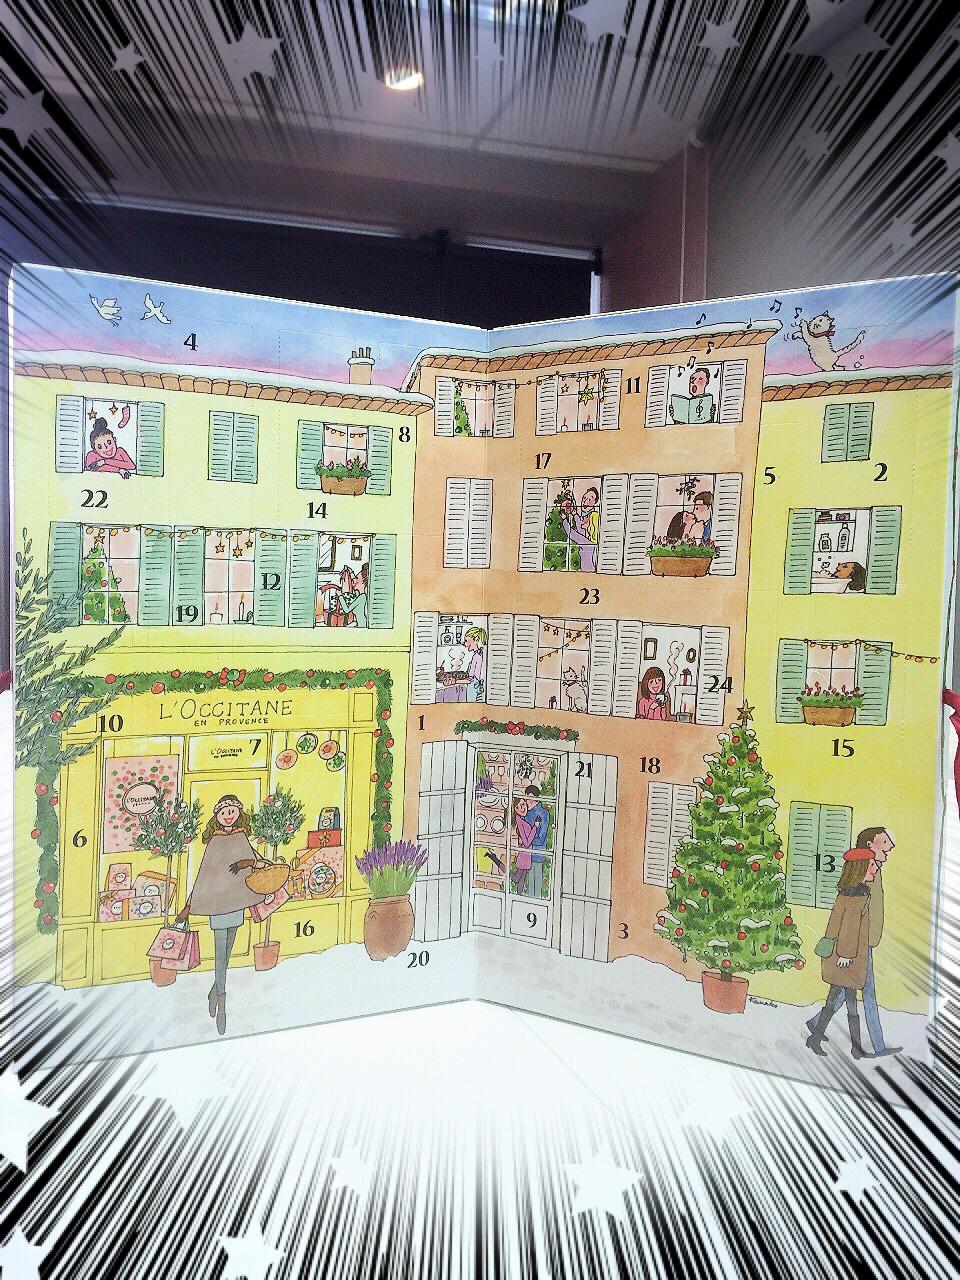 今天來跟大家炫耀一下這盒一拿出會令人驚呼連連的「歐舒丹節慶倒數日曆之戳戳樂禮盒」。從12/1-12/24每天都可從格子裡戳出小禮物耶~這比健達出奇蛋還令人驚喜呀...